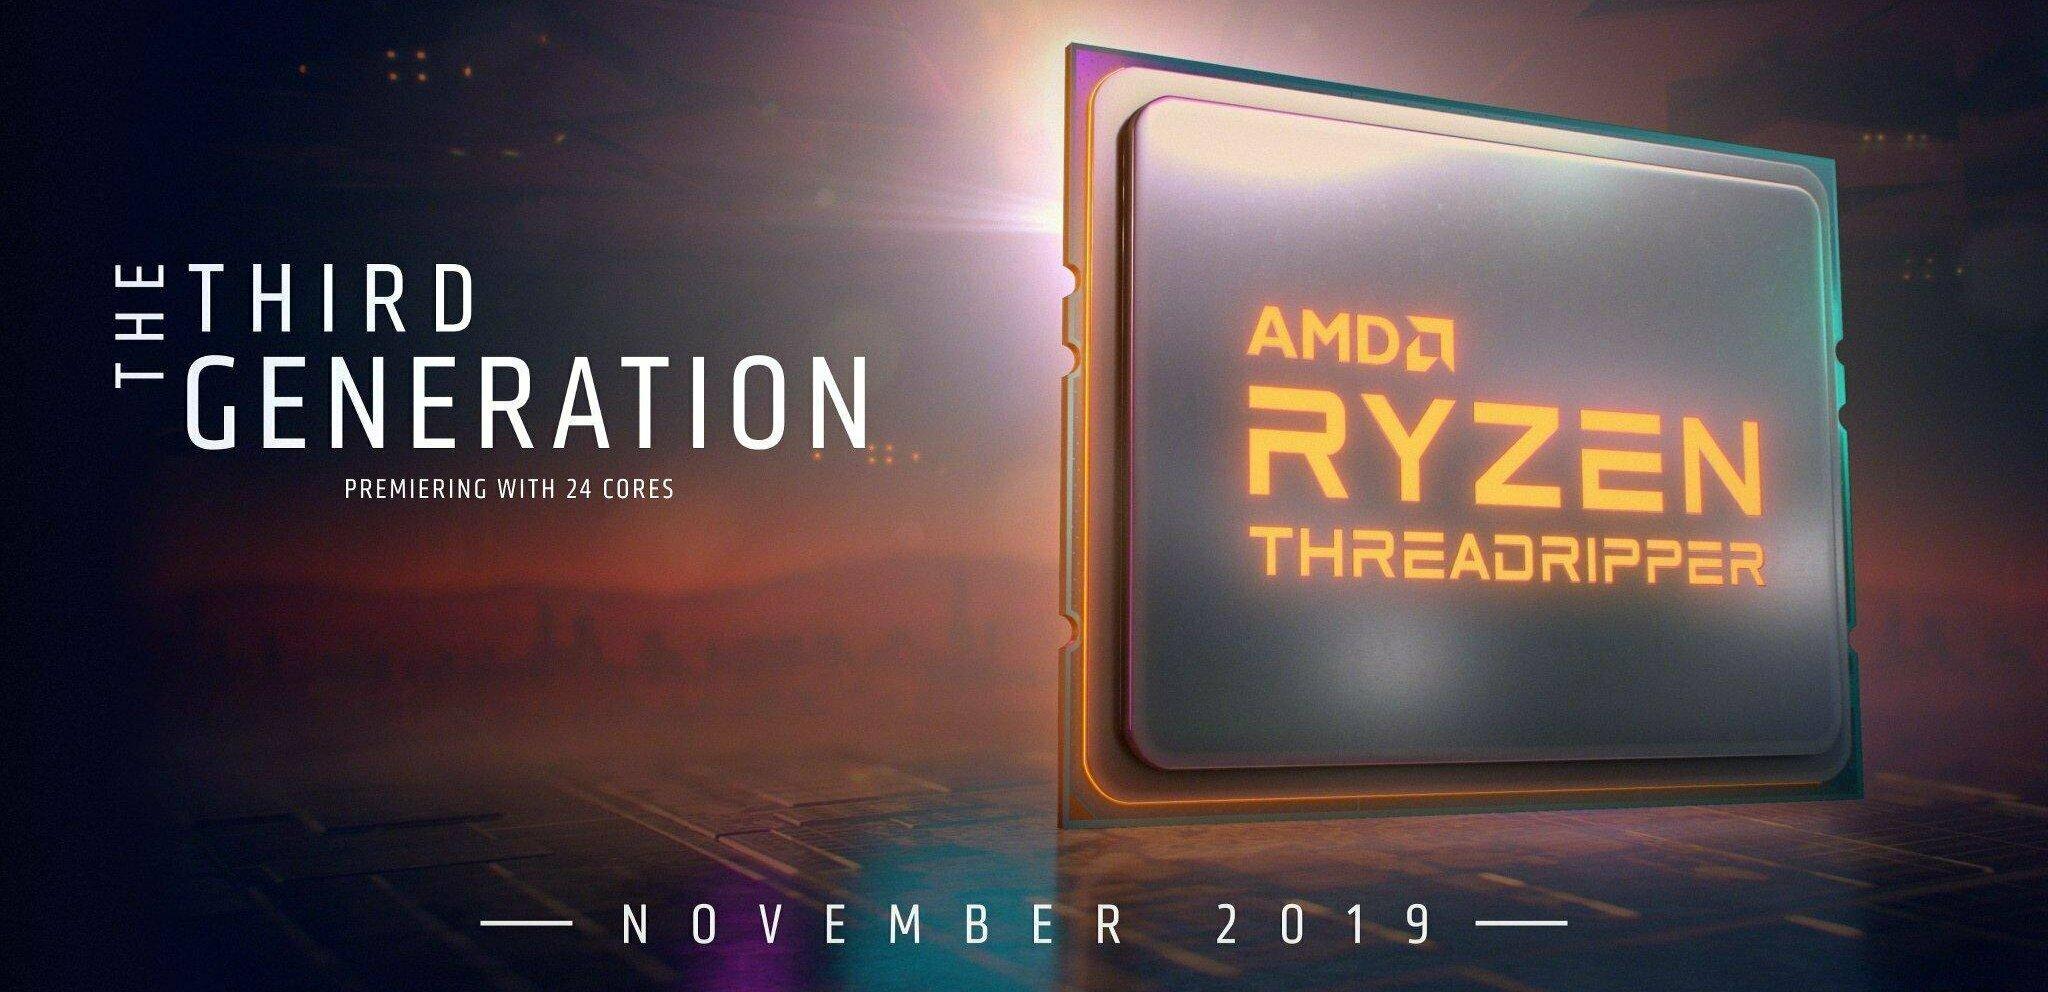 La gamme de nouveaux Ryzen Threadripper se dessine, une annonce attendue le 5 novembre